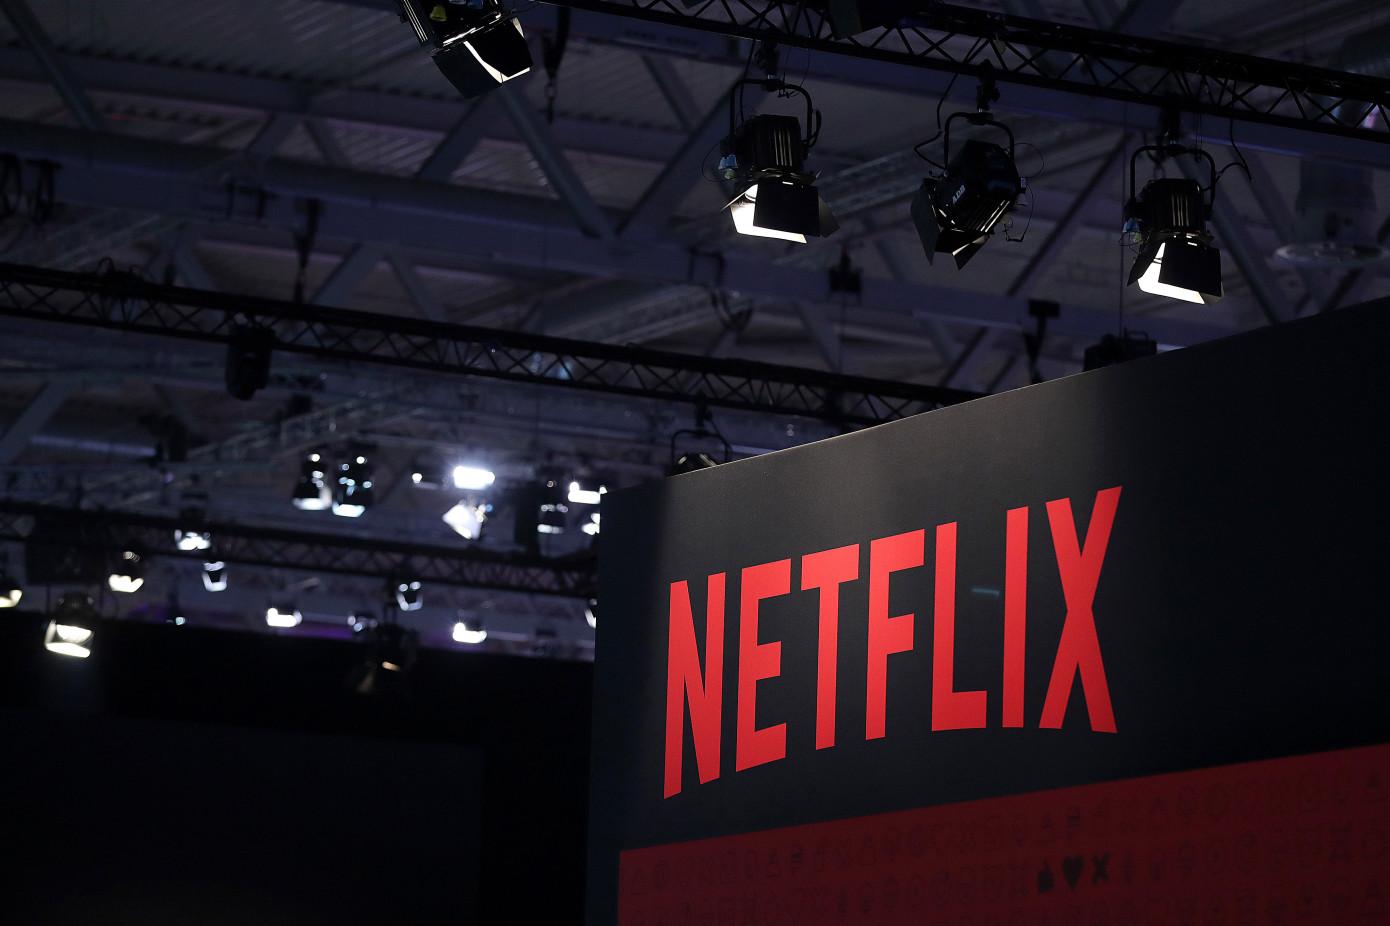 На карантині популярність Netflix рекордно зросла, перевищивши прогнози